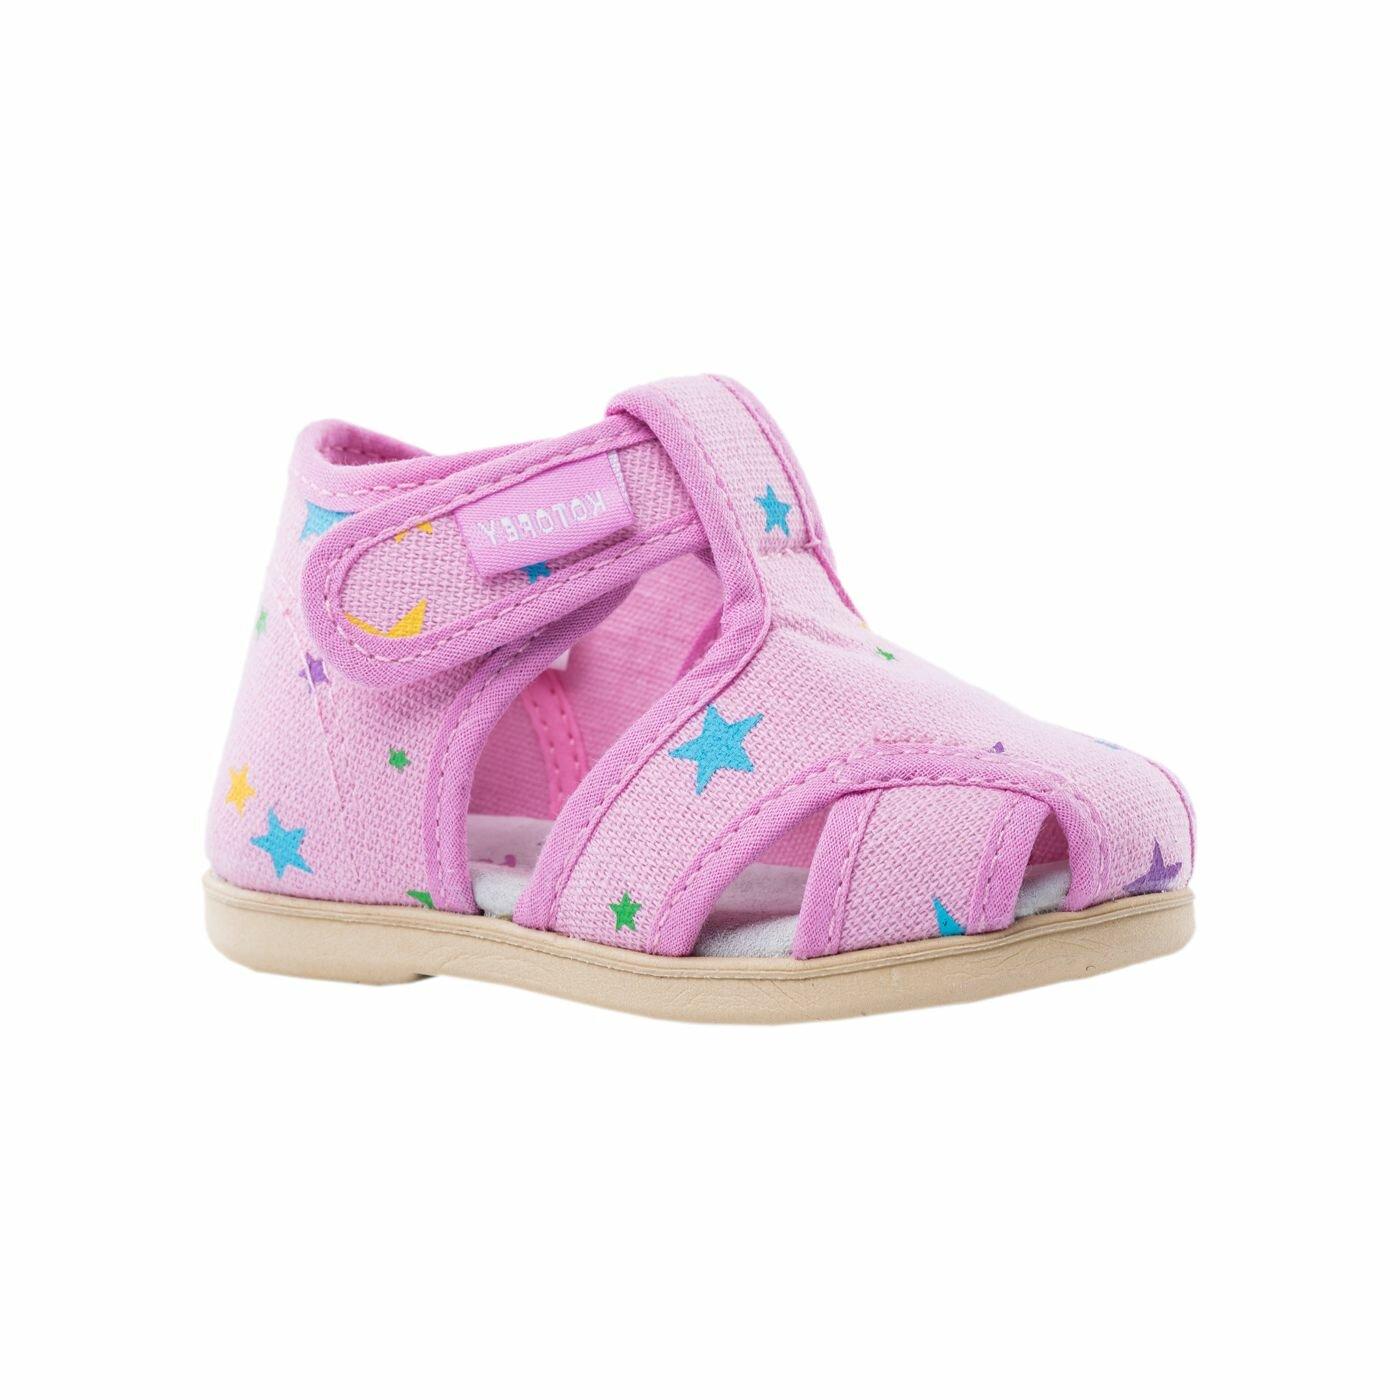 221069-71 Текстильная обувь для девочек